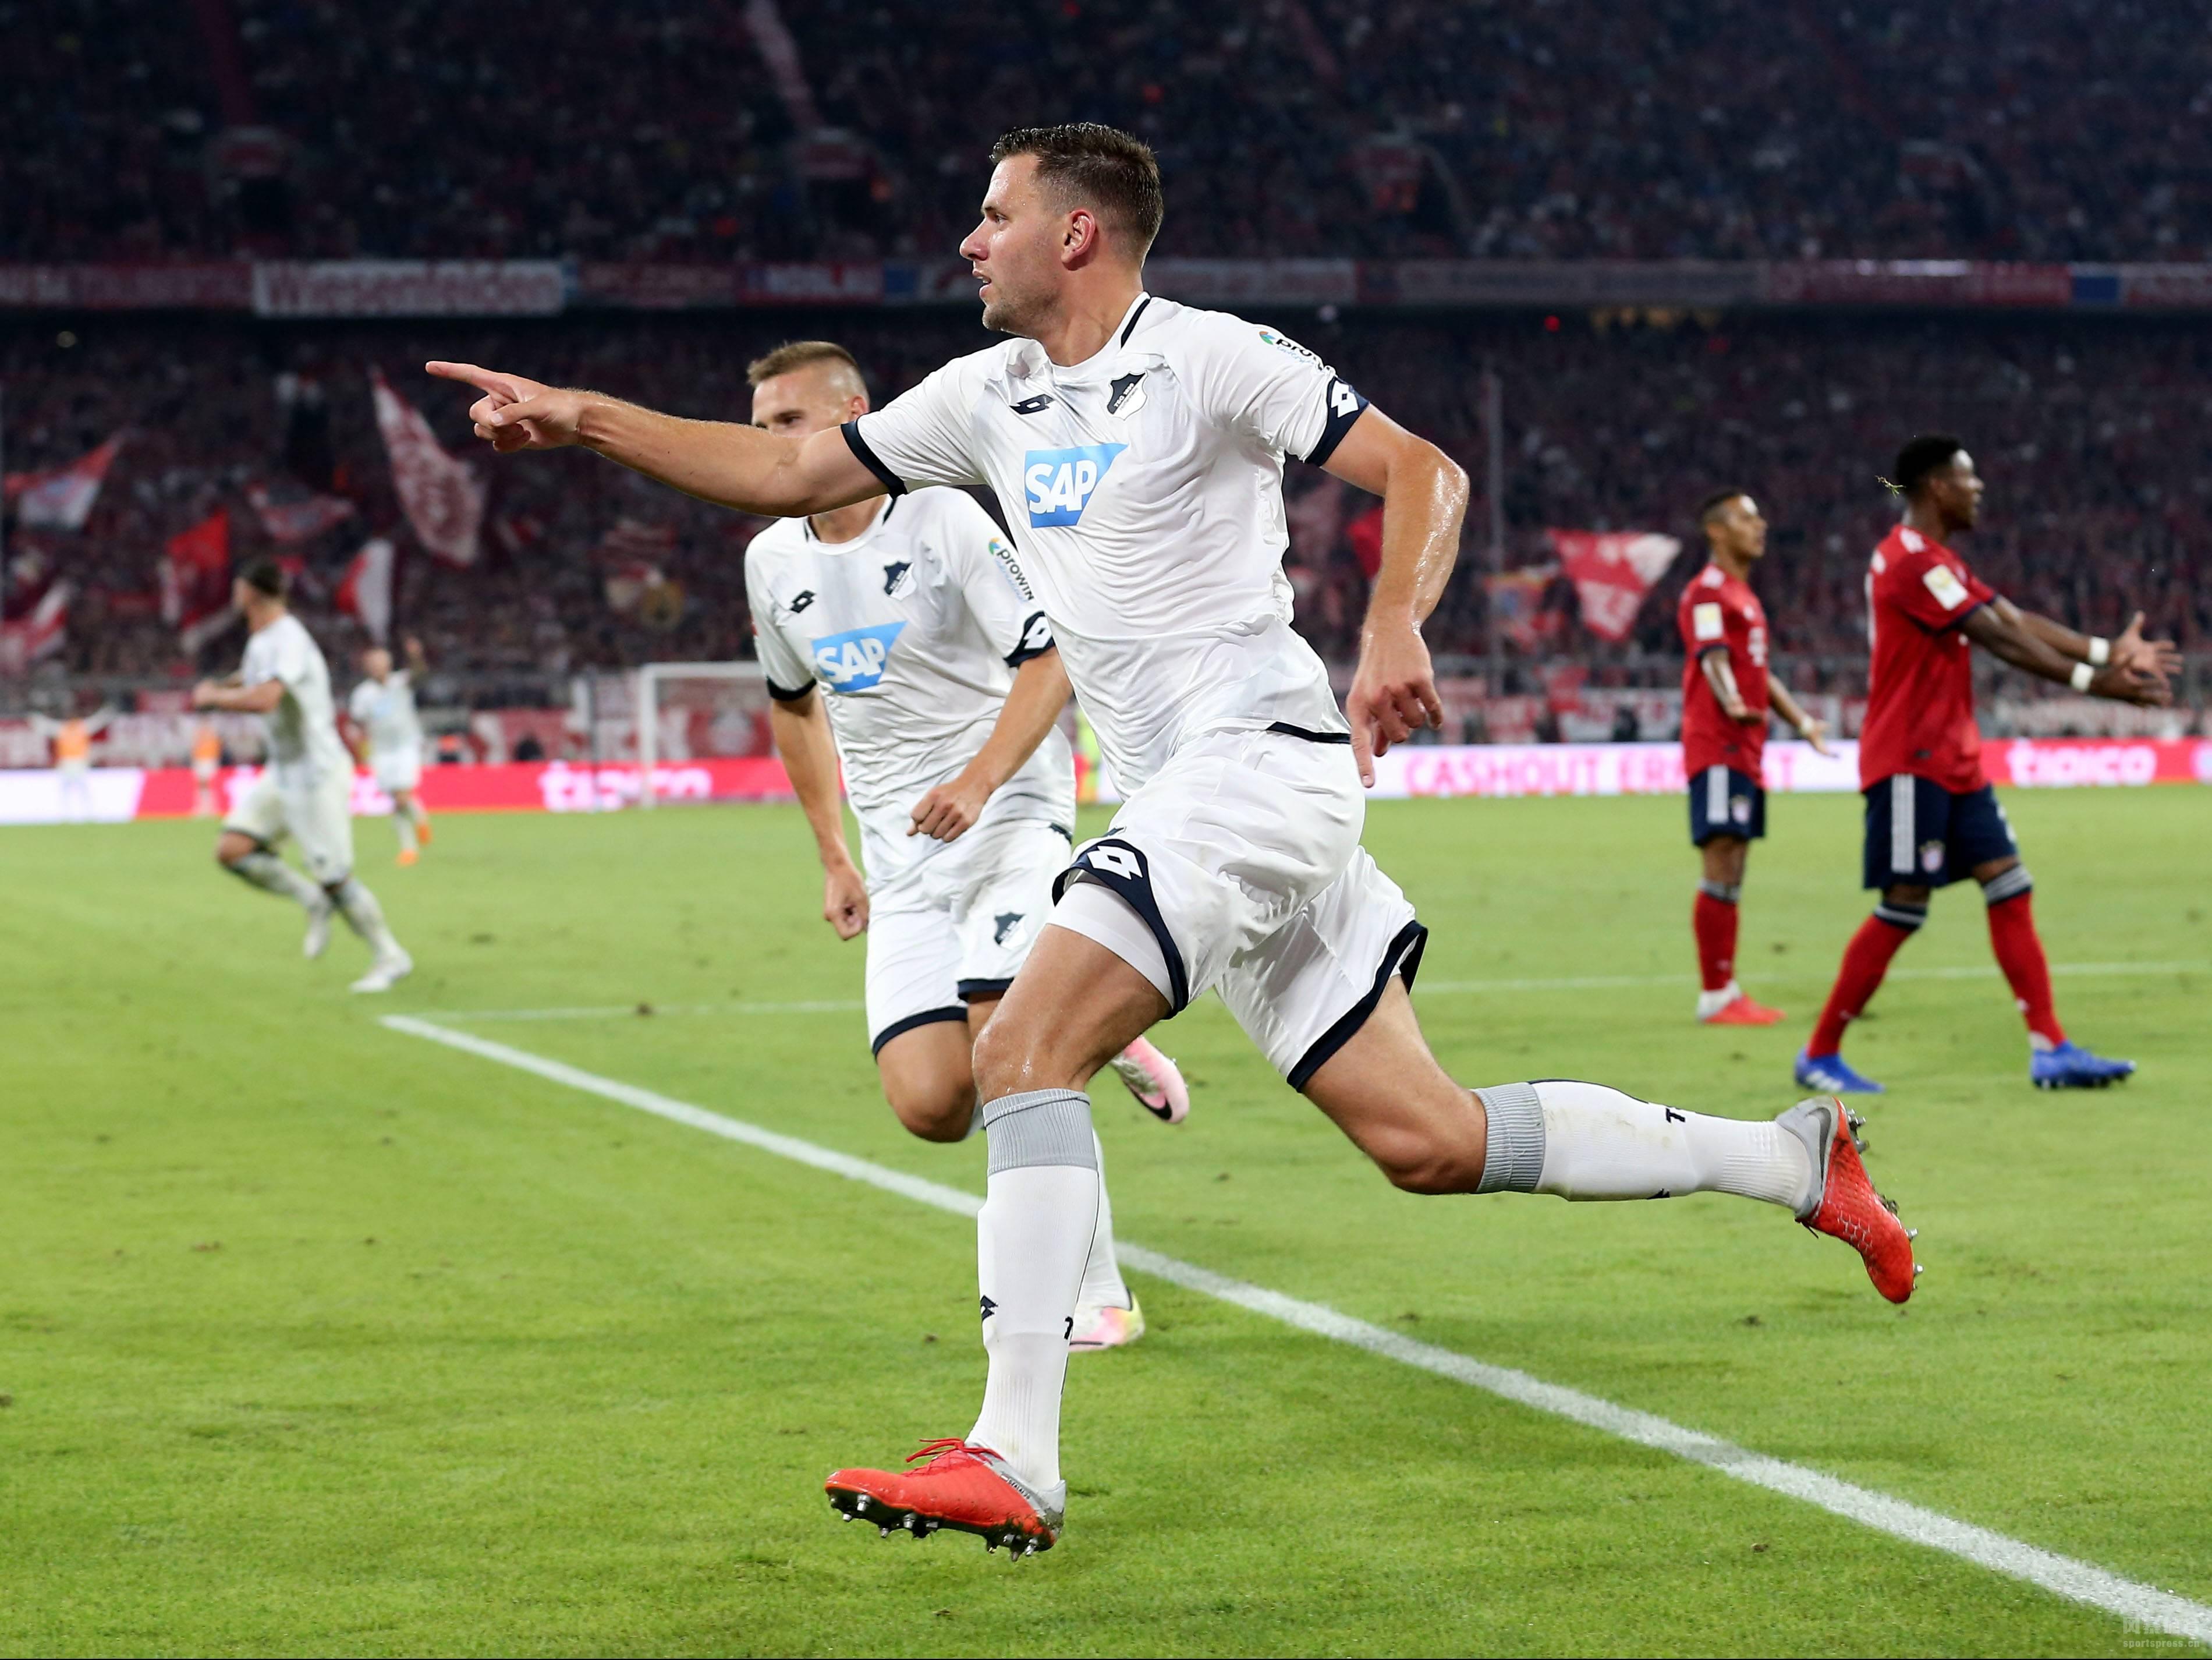 德甲揭幕战 拜仁3-1霍芬海姆 穆勒破僵科曼伤退